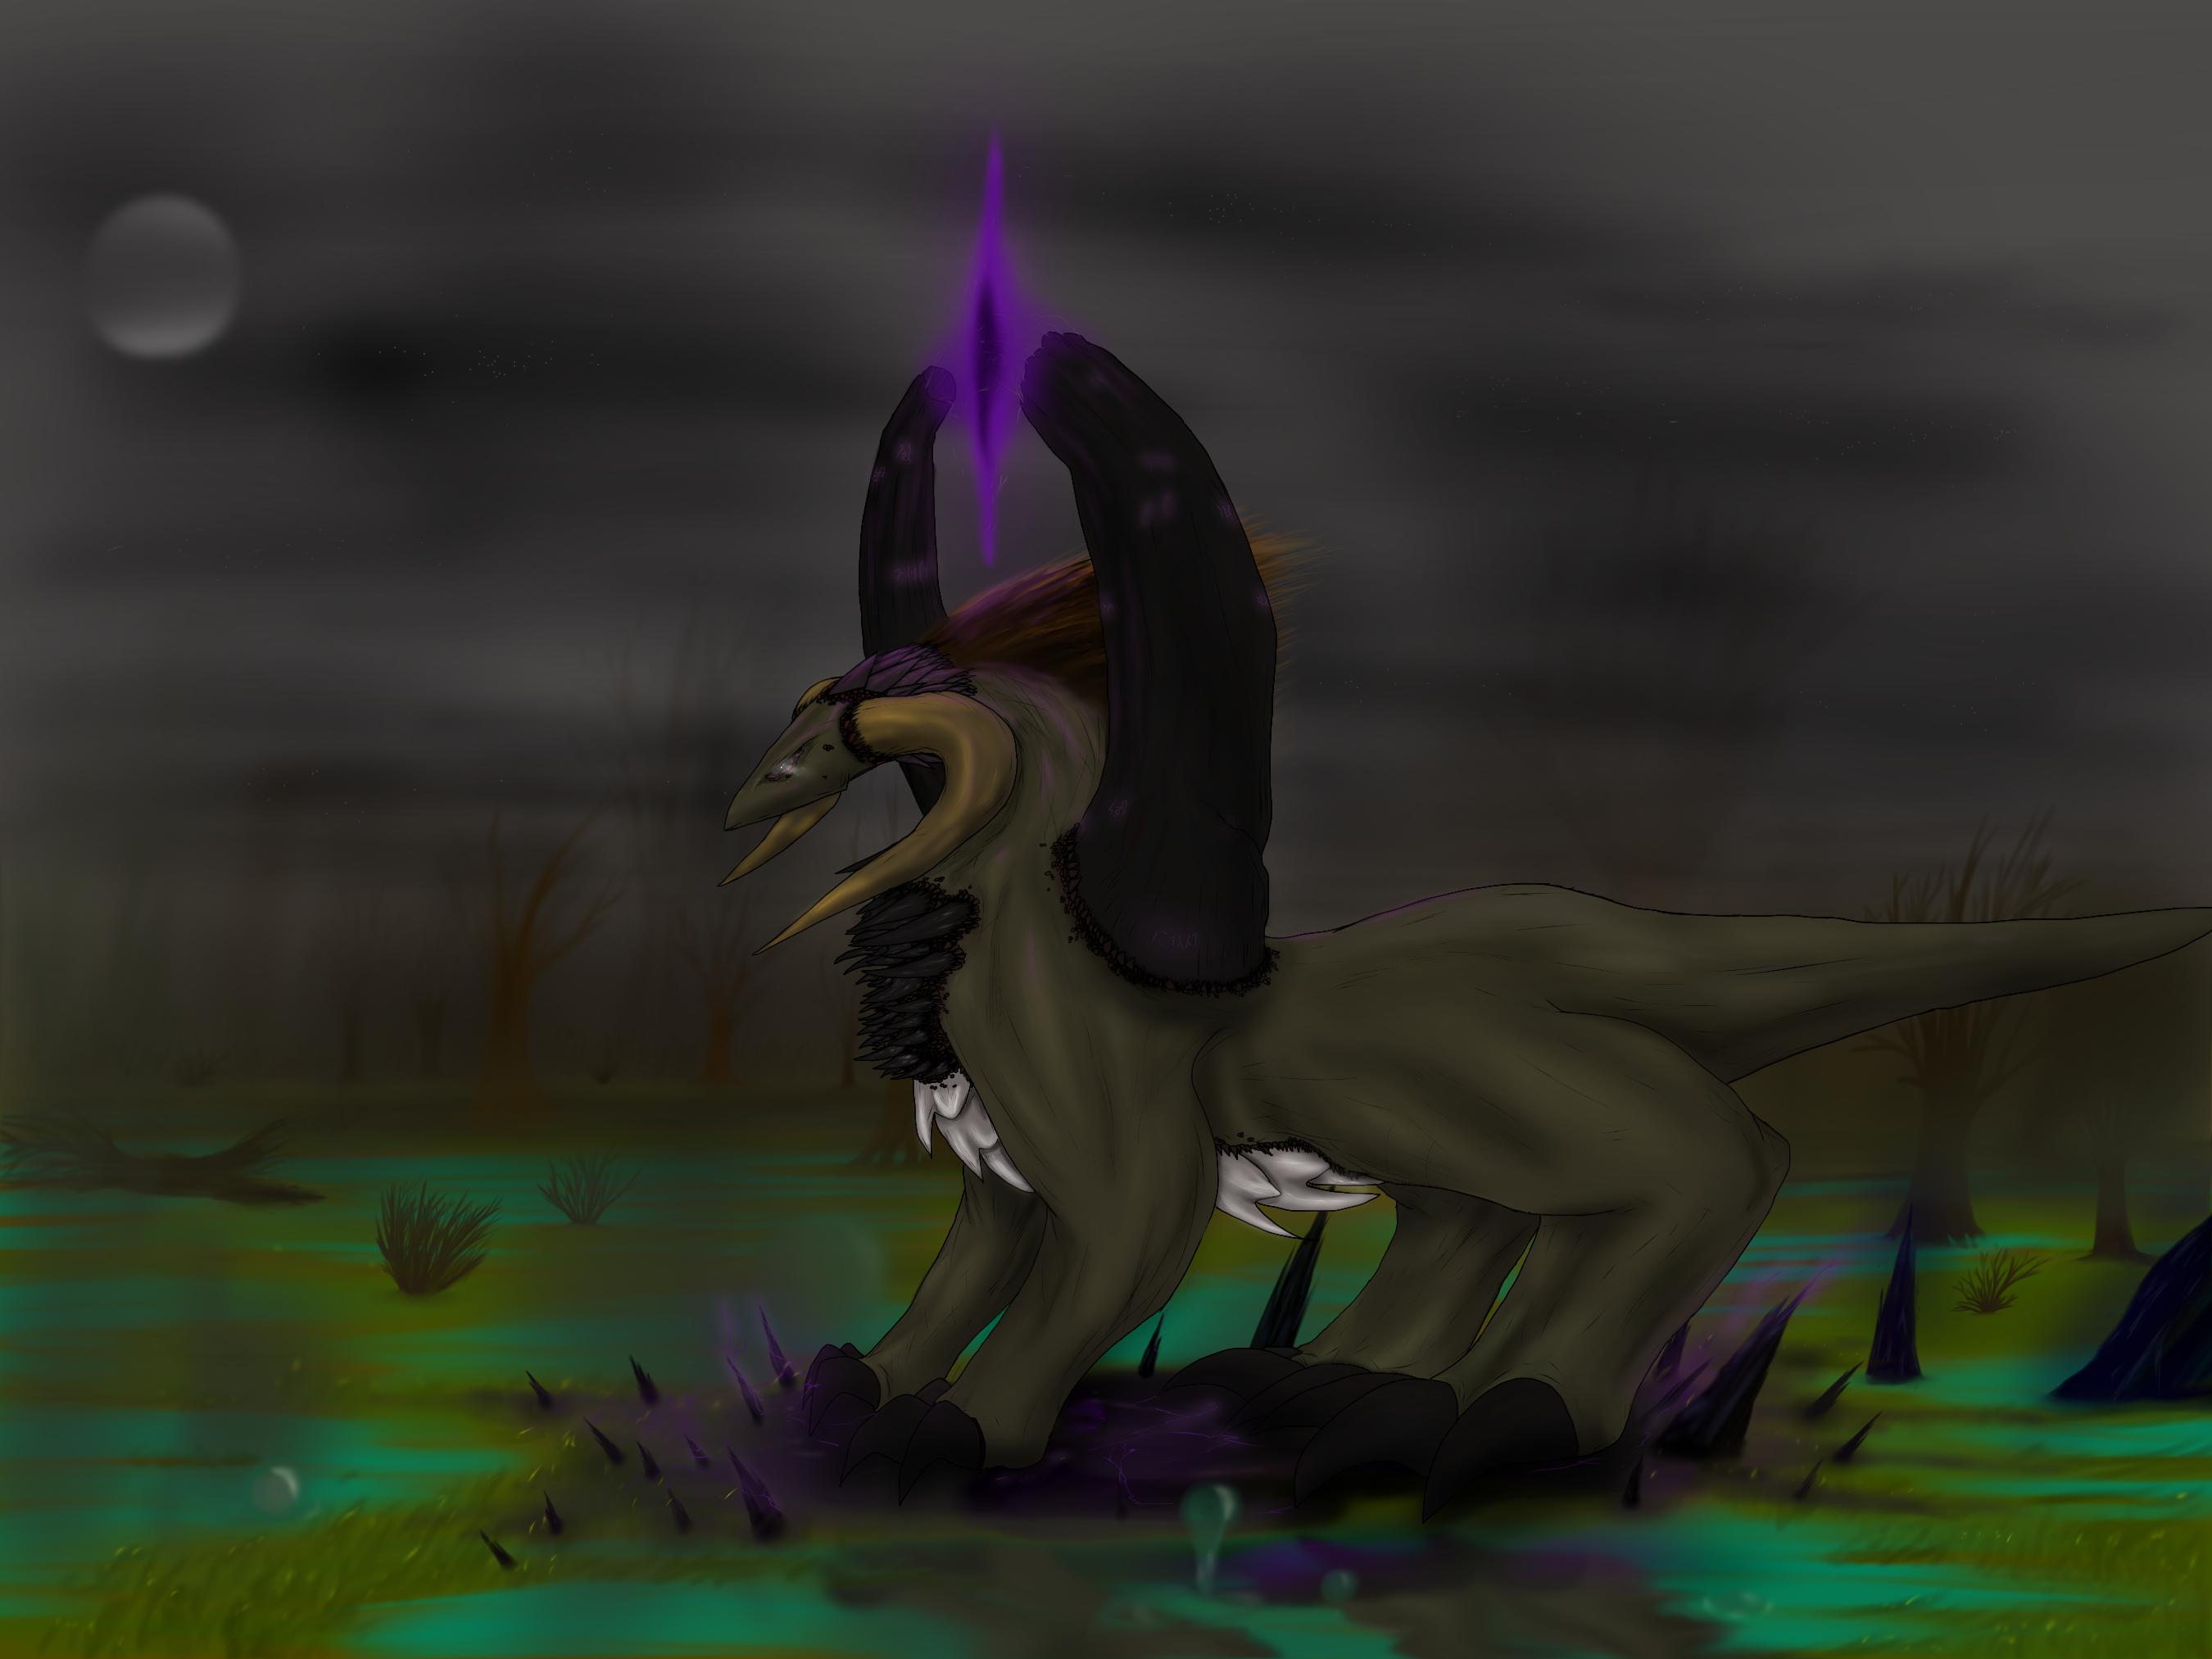 Dark matter by ThemeFinland on deviantART